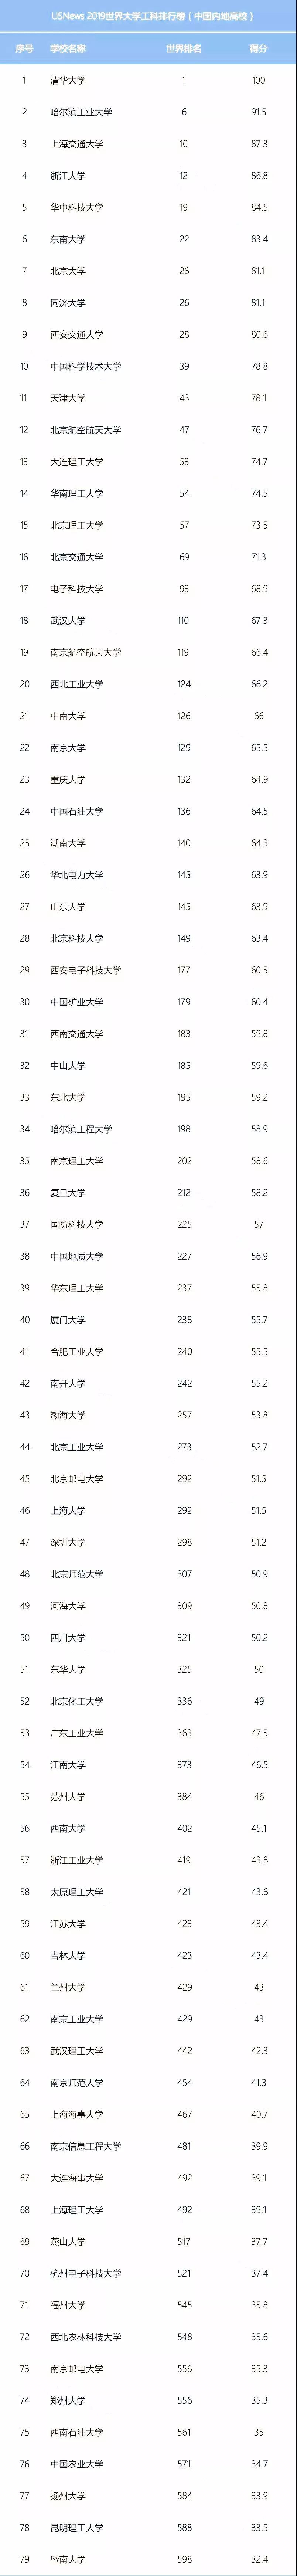 参考丨USNews2019世界大学工科排名!清华国内第一!